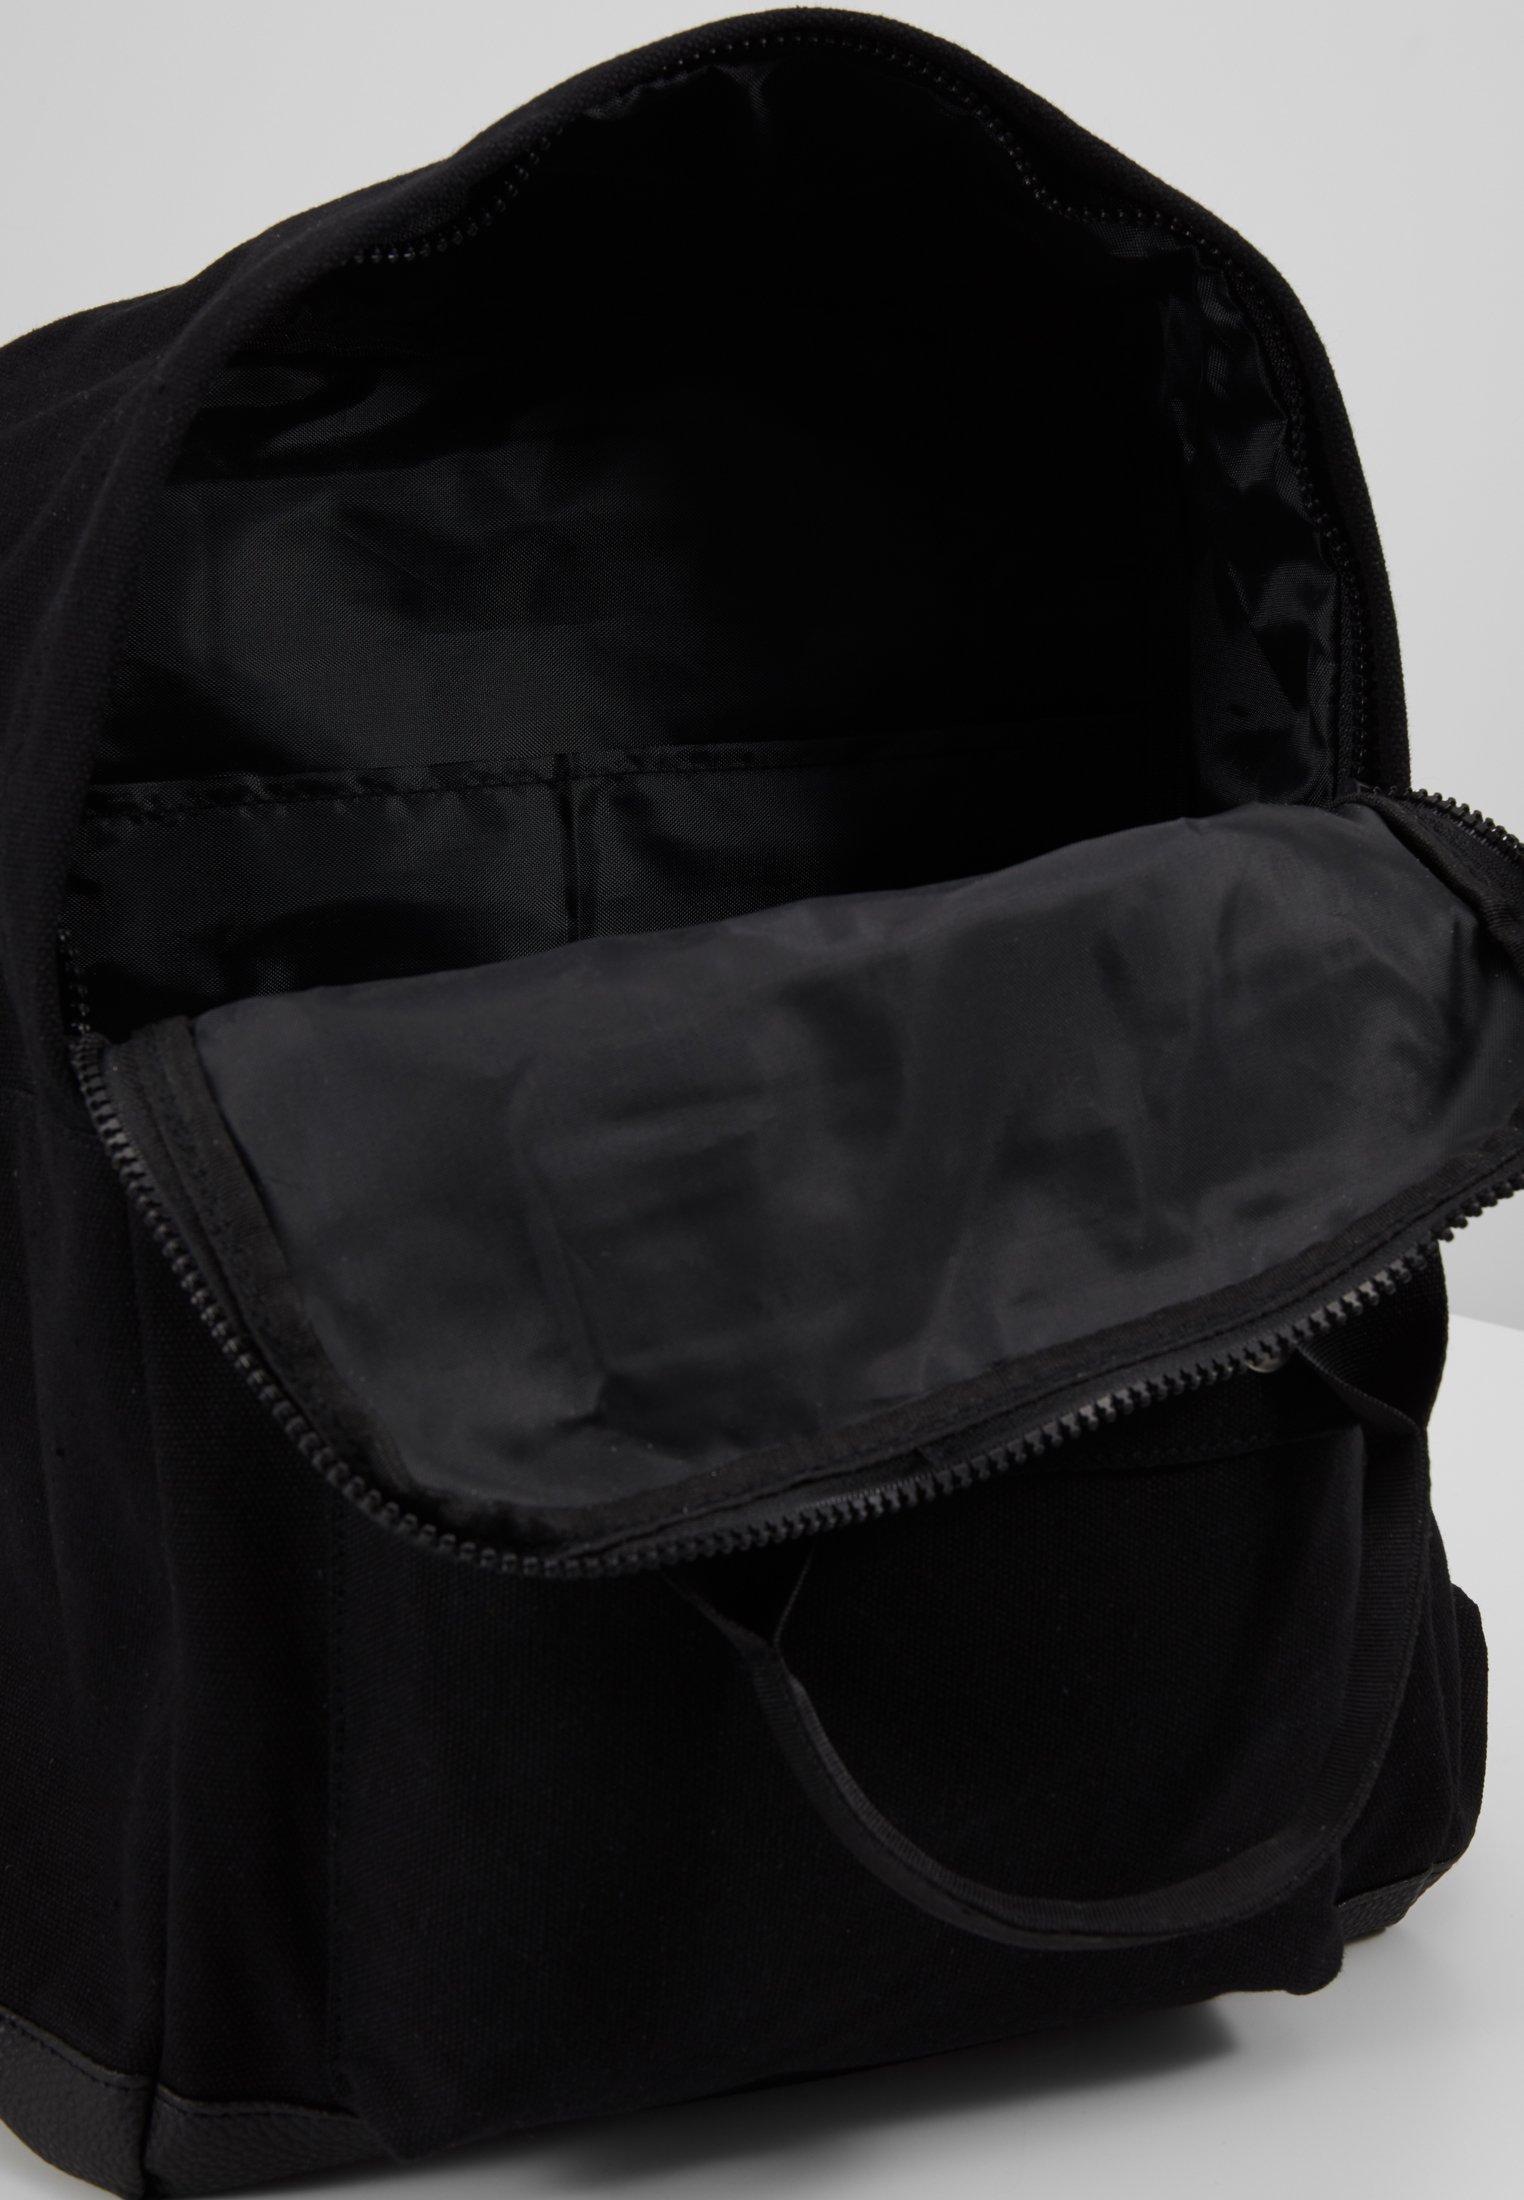 Jack  Jones JACSQUARE  - Tagesrucksack - black/schwarz - Herrentaschen 02C5u